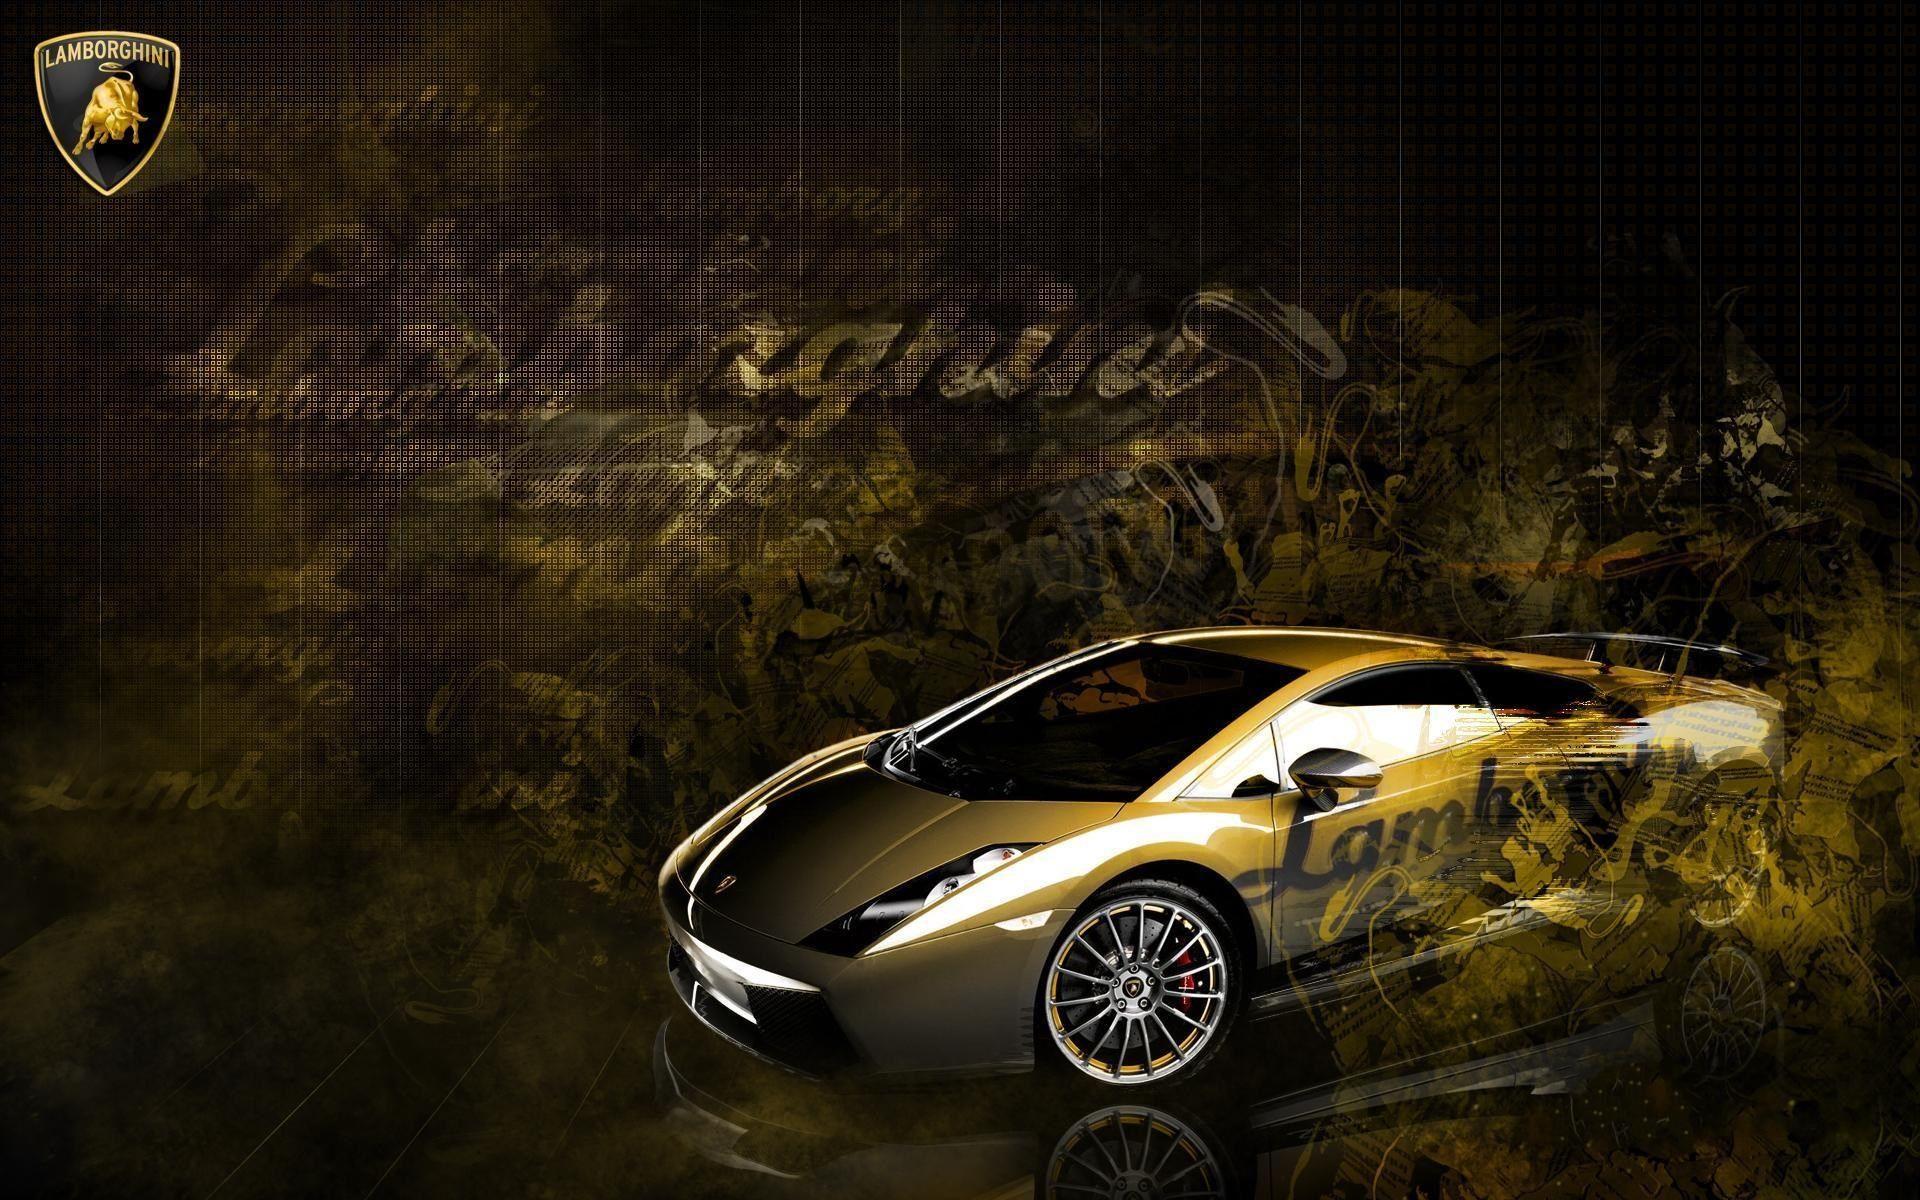 Hd Lamborghini Gallardo Wallpaper